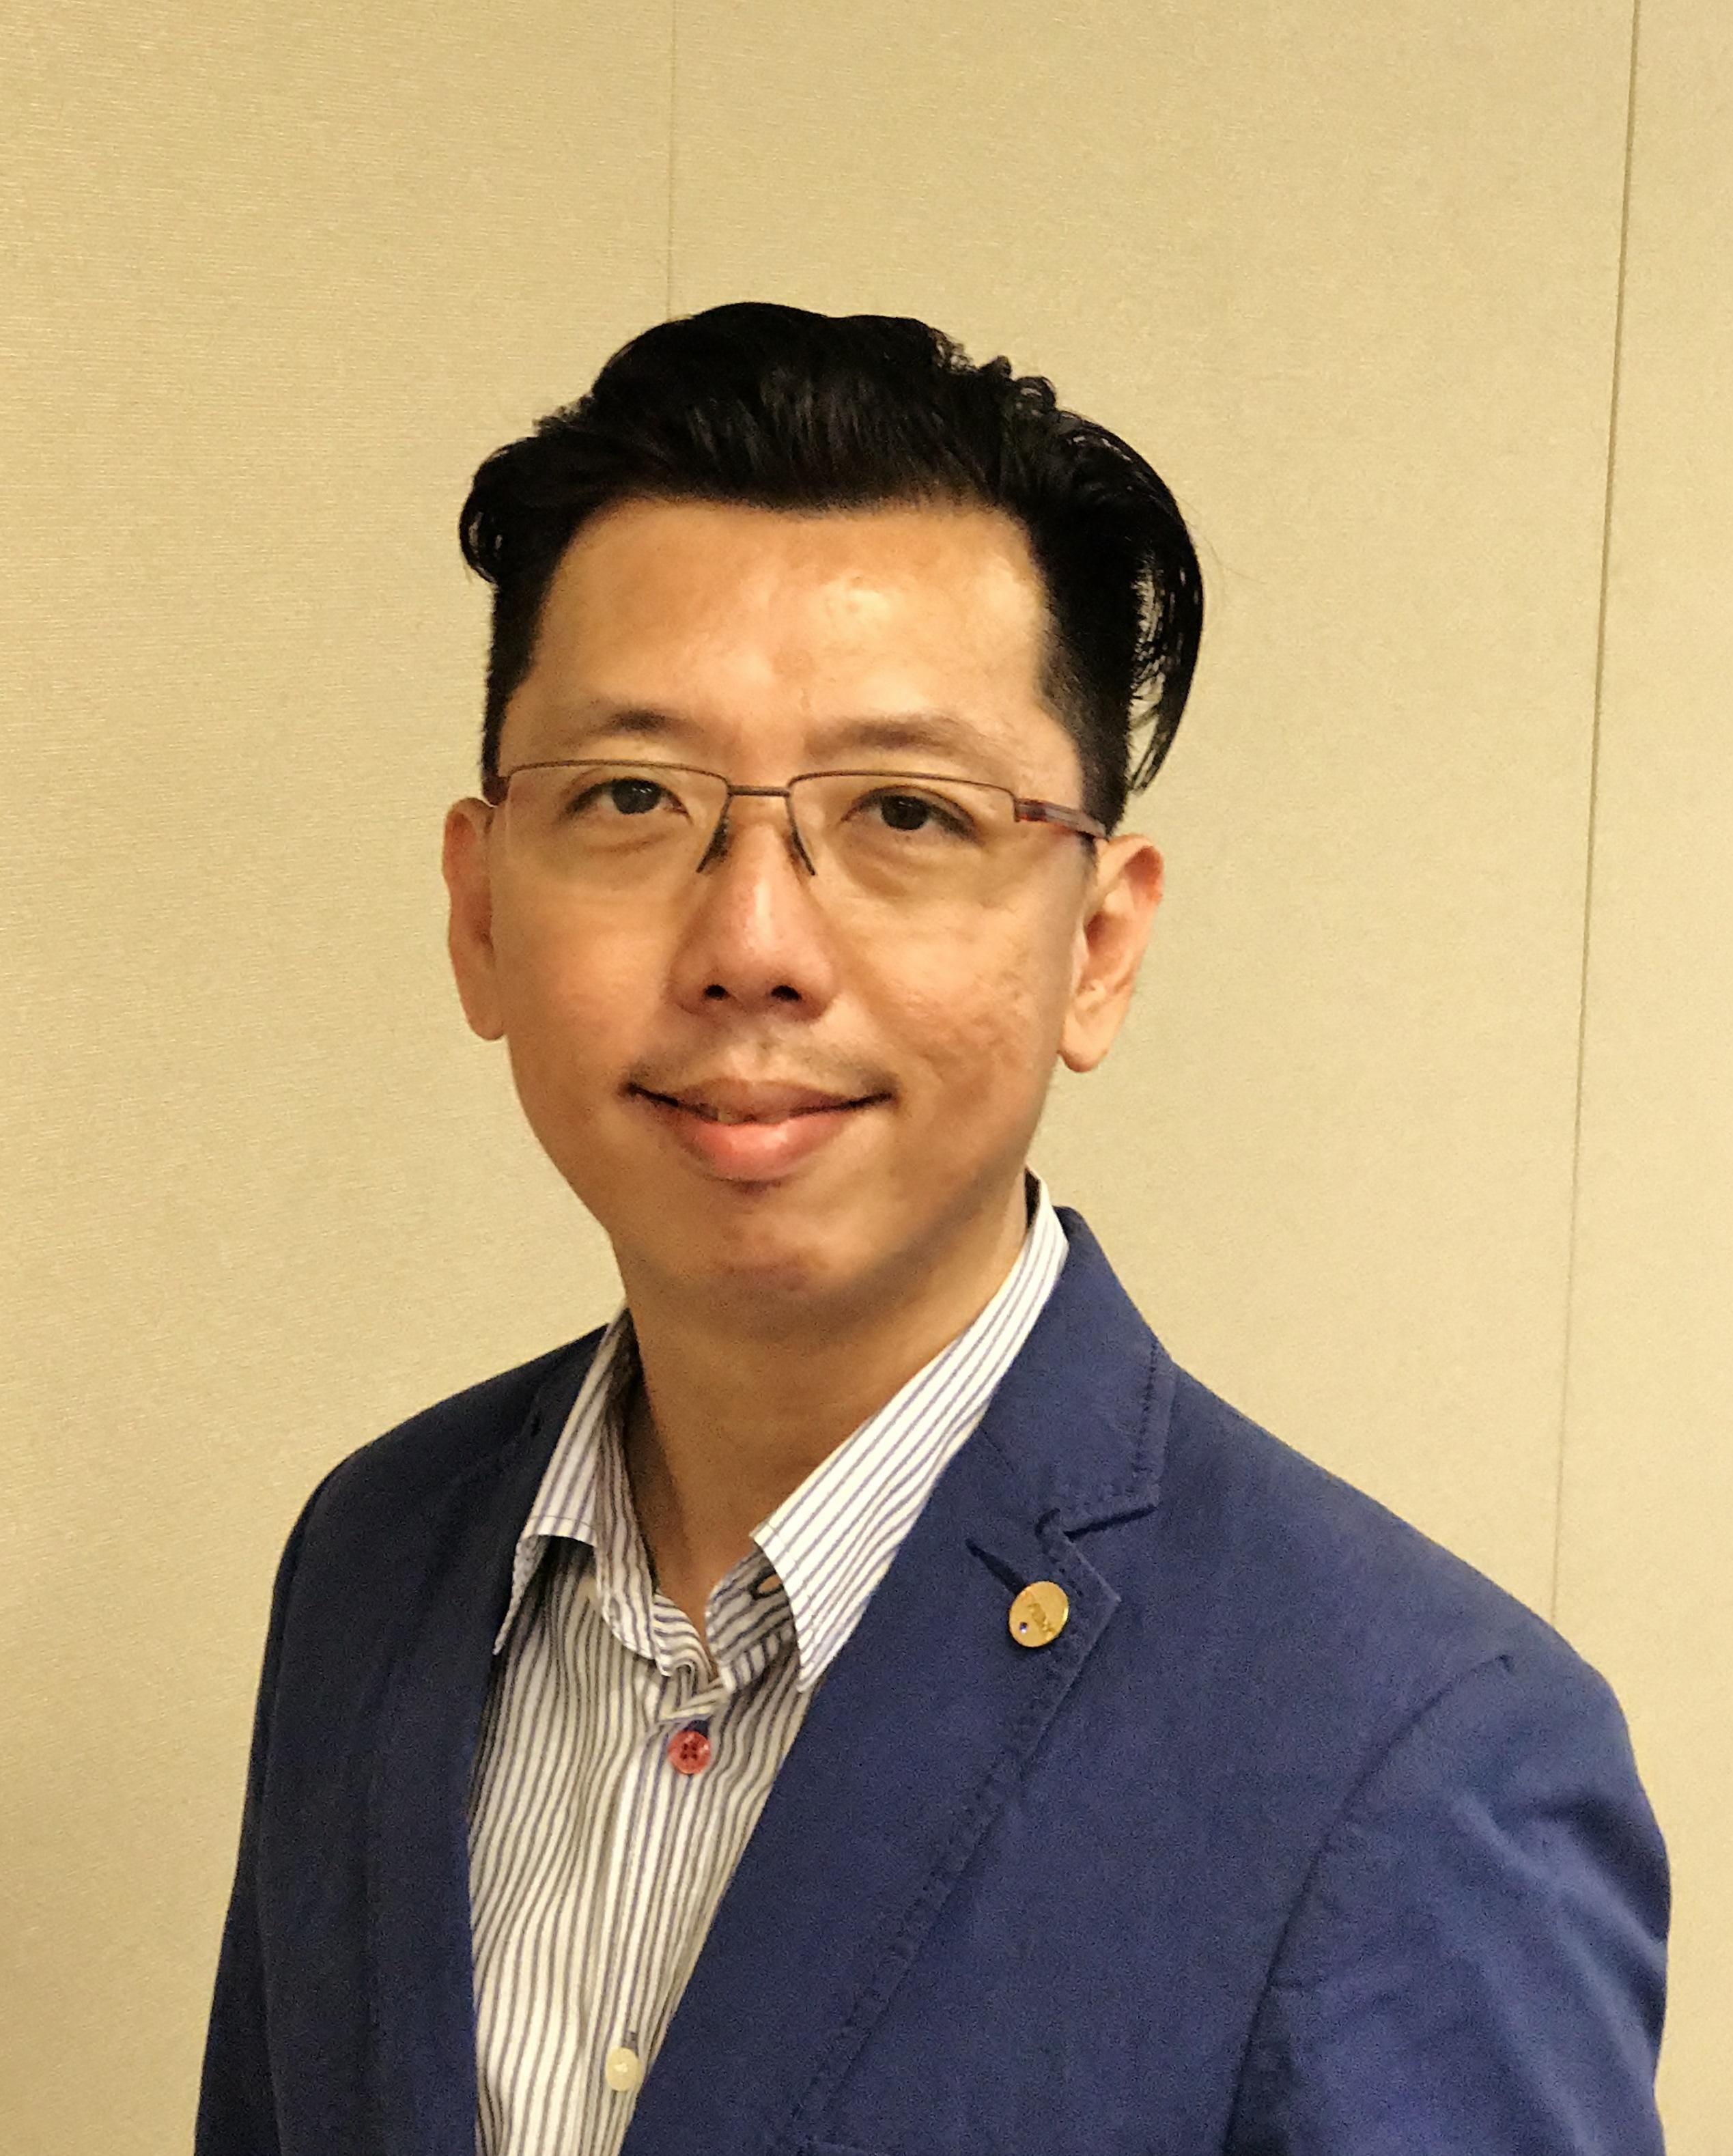 Steven Fong